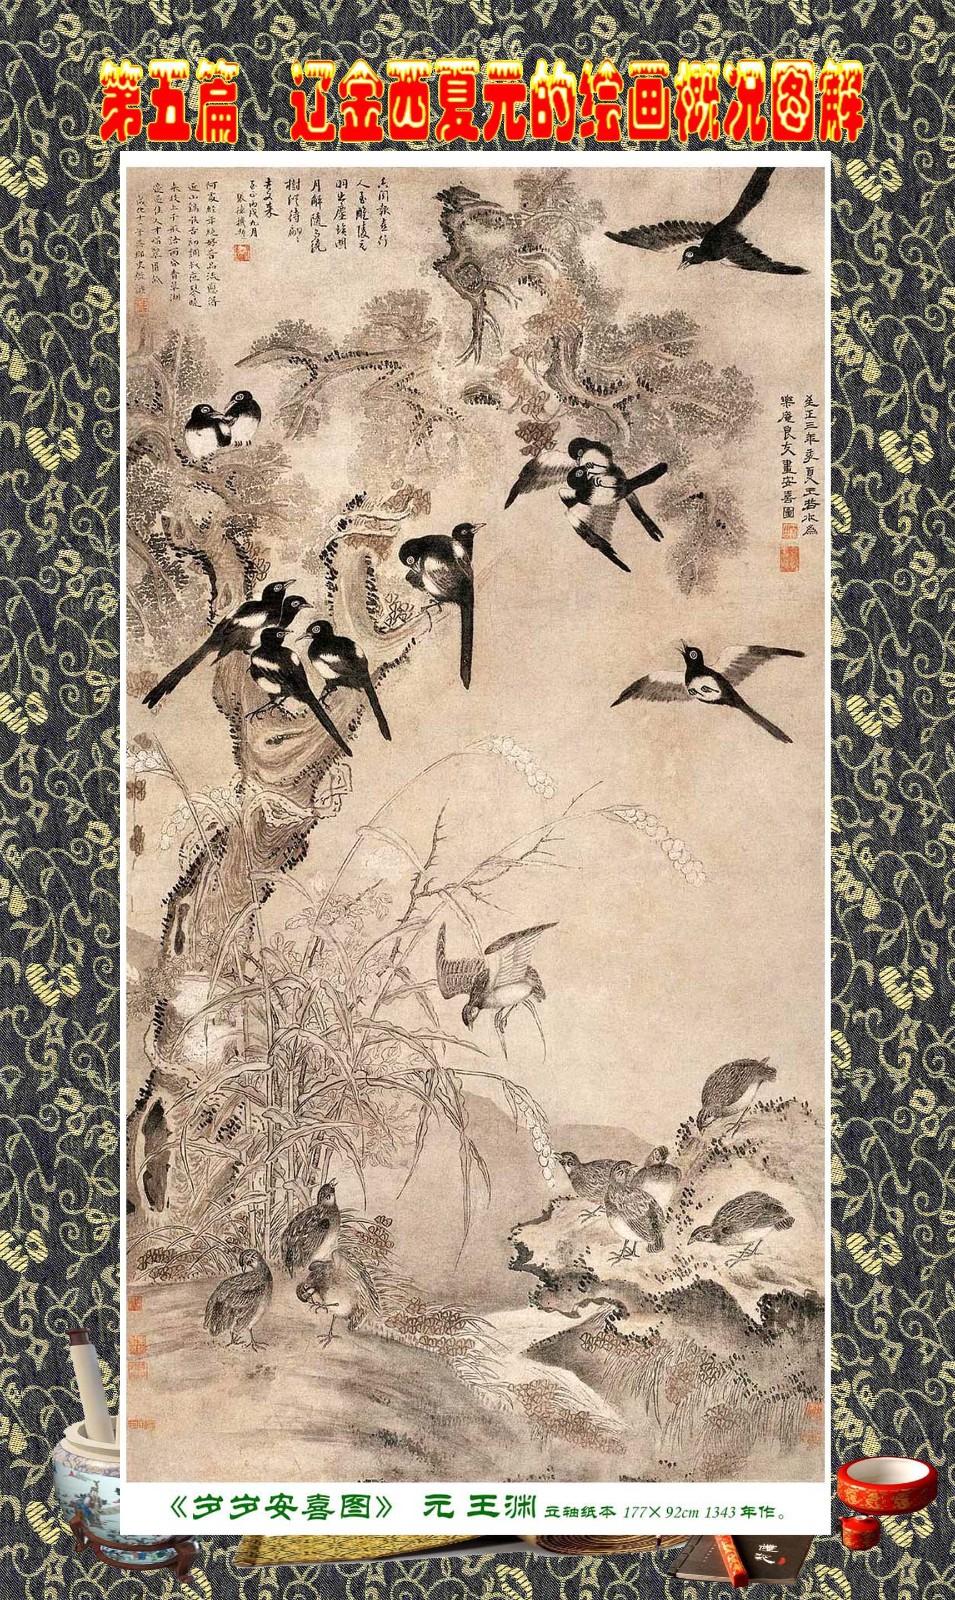 顾绍骅编辑 中国画知识普及版 第五篇 辽金西夏元的绘画概况 下 ... ..._图1-65